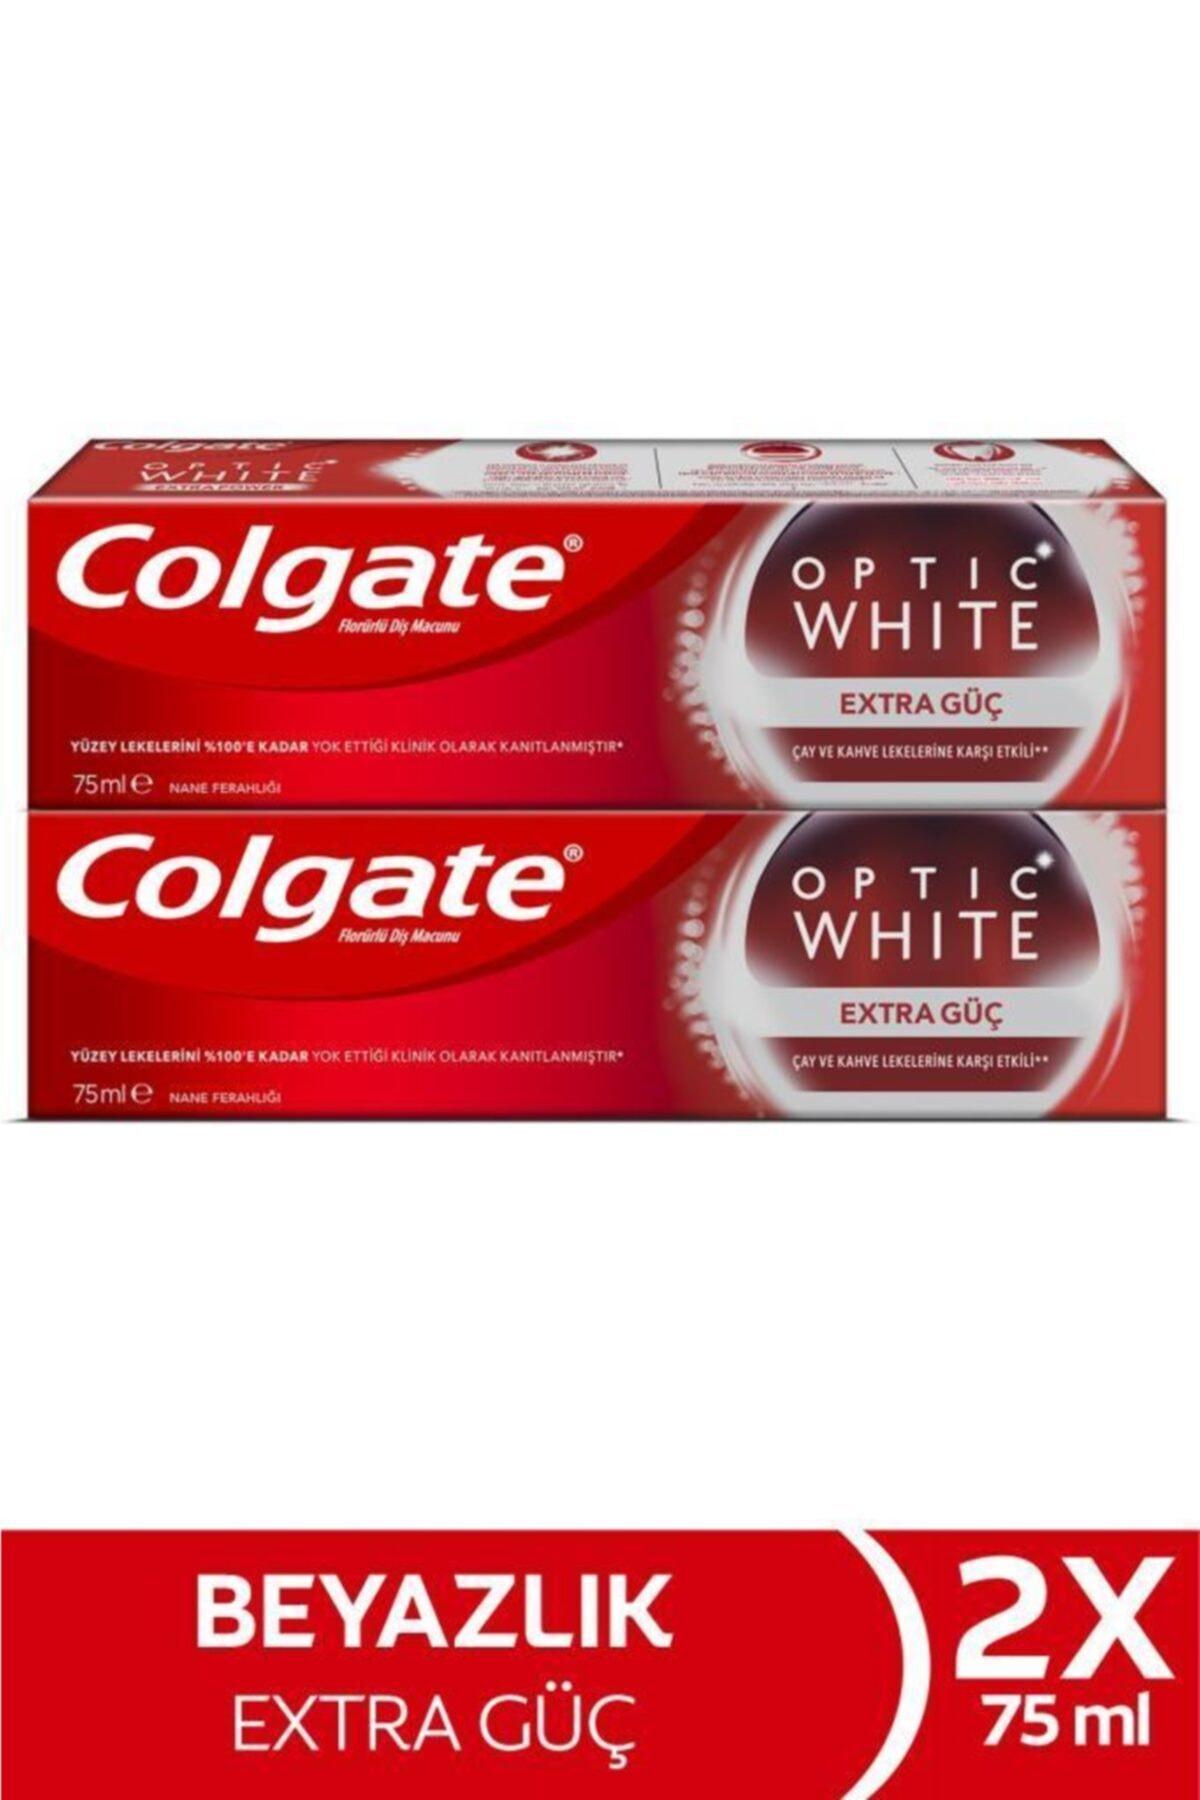 Colgate Optic White Extra Güç Çay Ve Kahve Lekelerine Karşı Etkili Beyazlatıcı Diş Macunu 2 X 75 ml 1